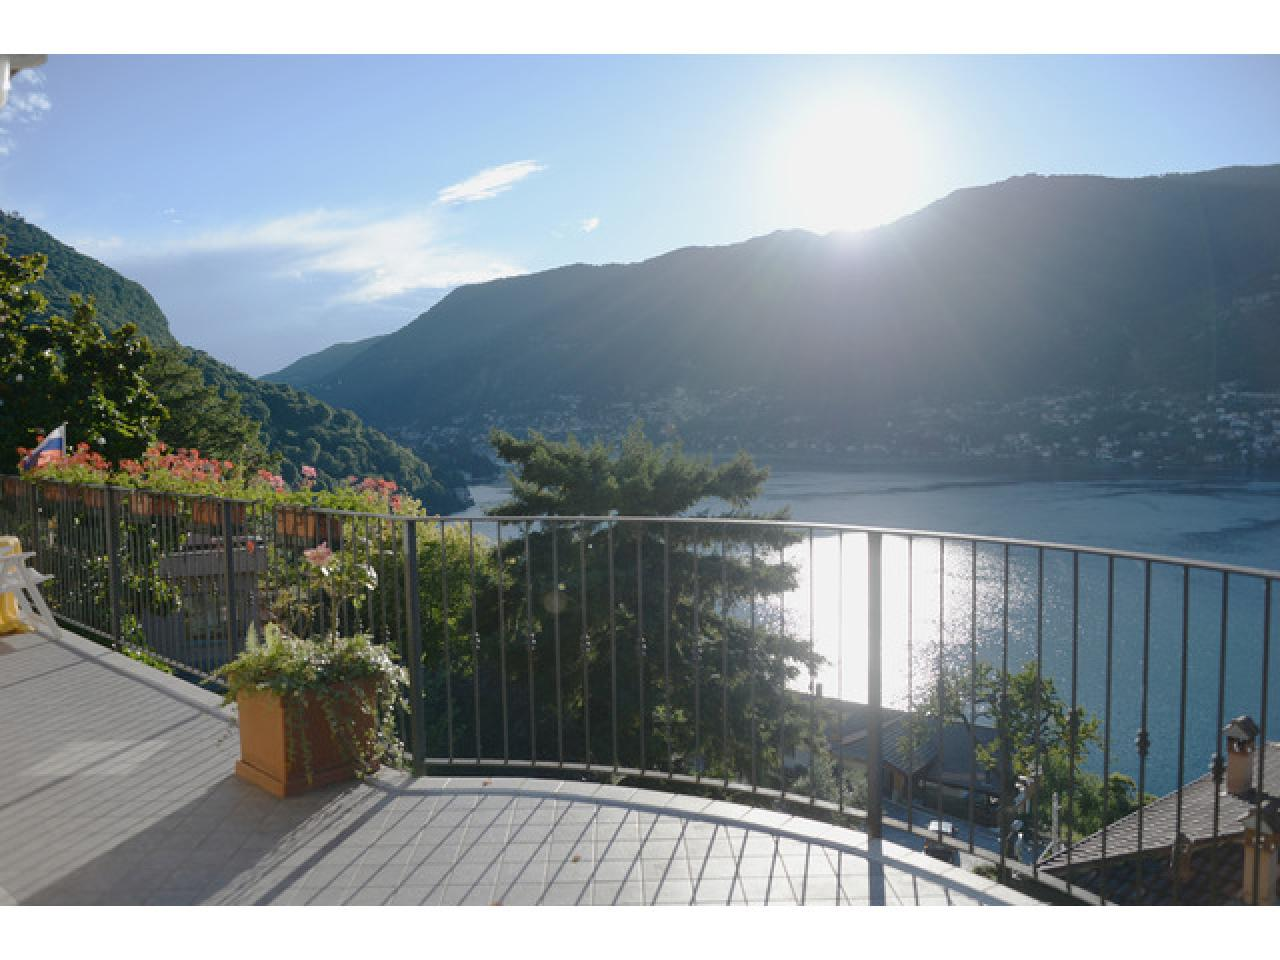 Вилла в Фаджето Ларио (Италия) на озере Комо - 3